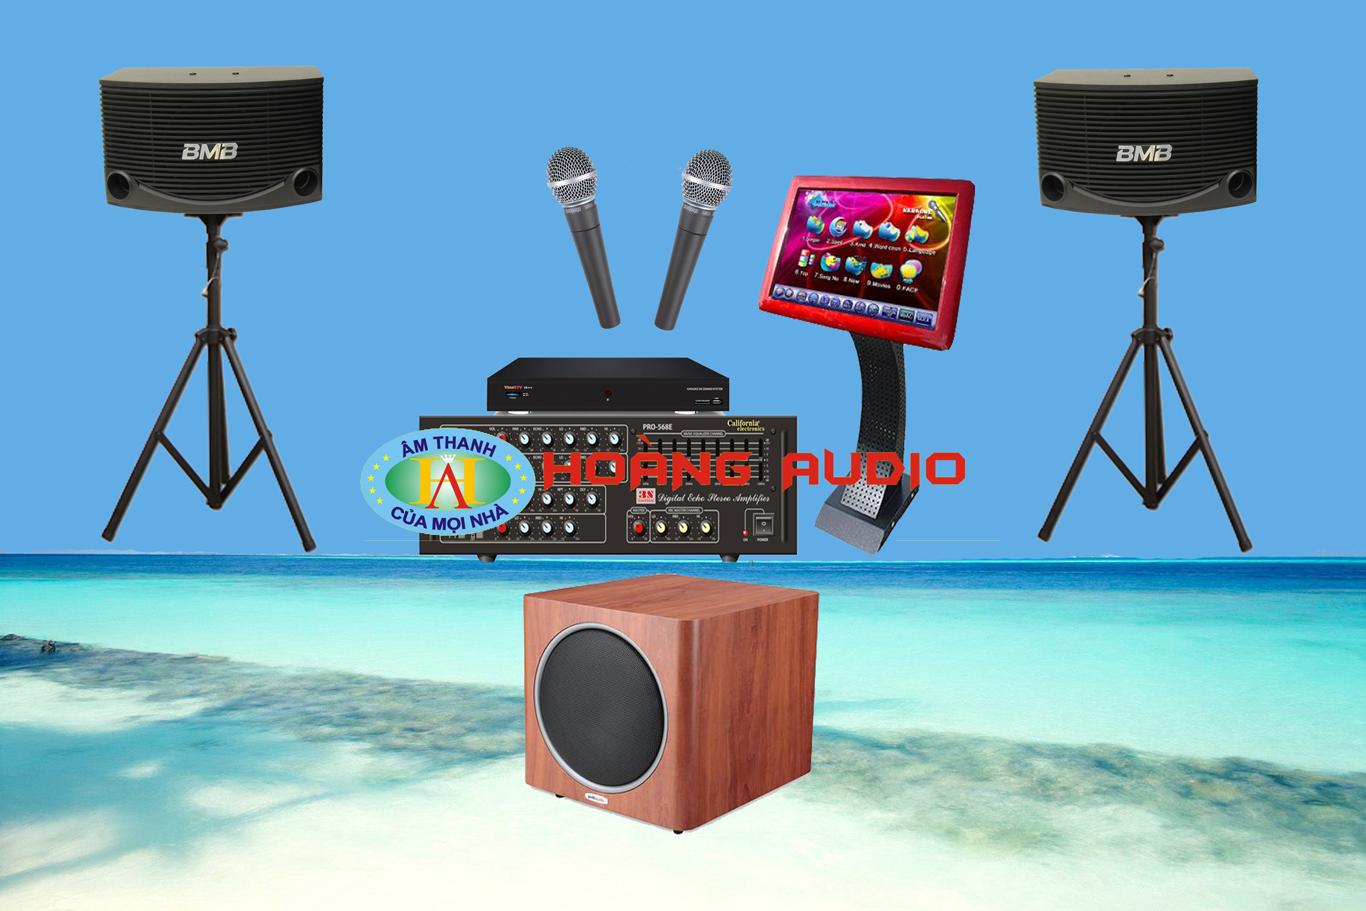 Thumbnail image for Bộ dàn karaoke gia đình HO 12